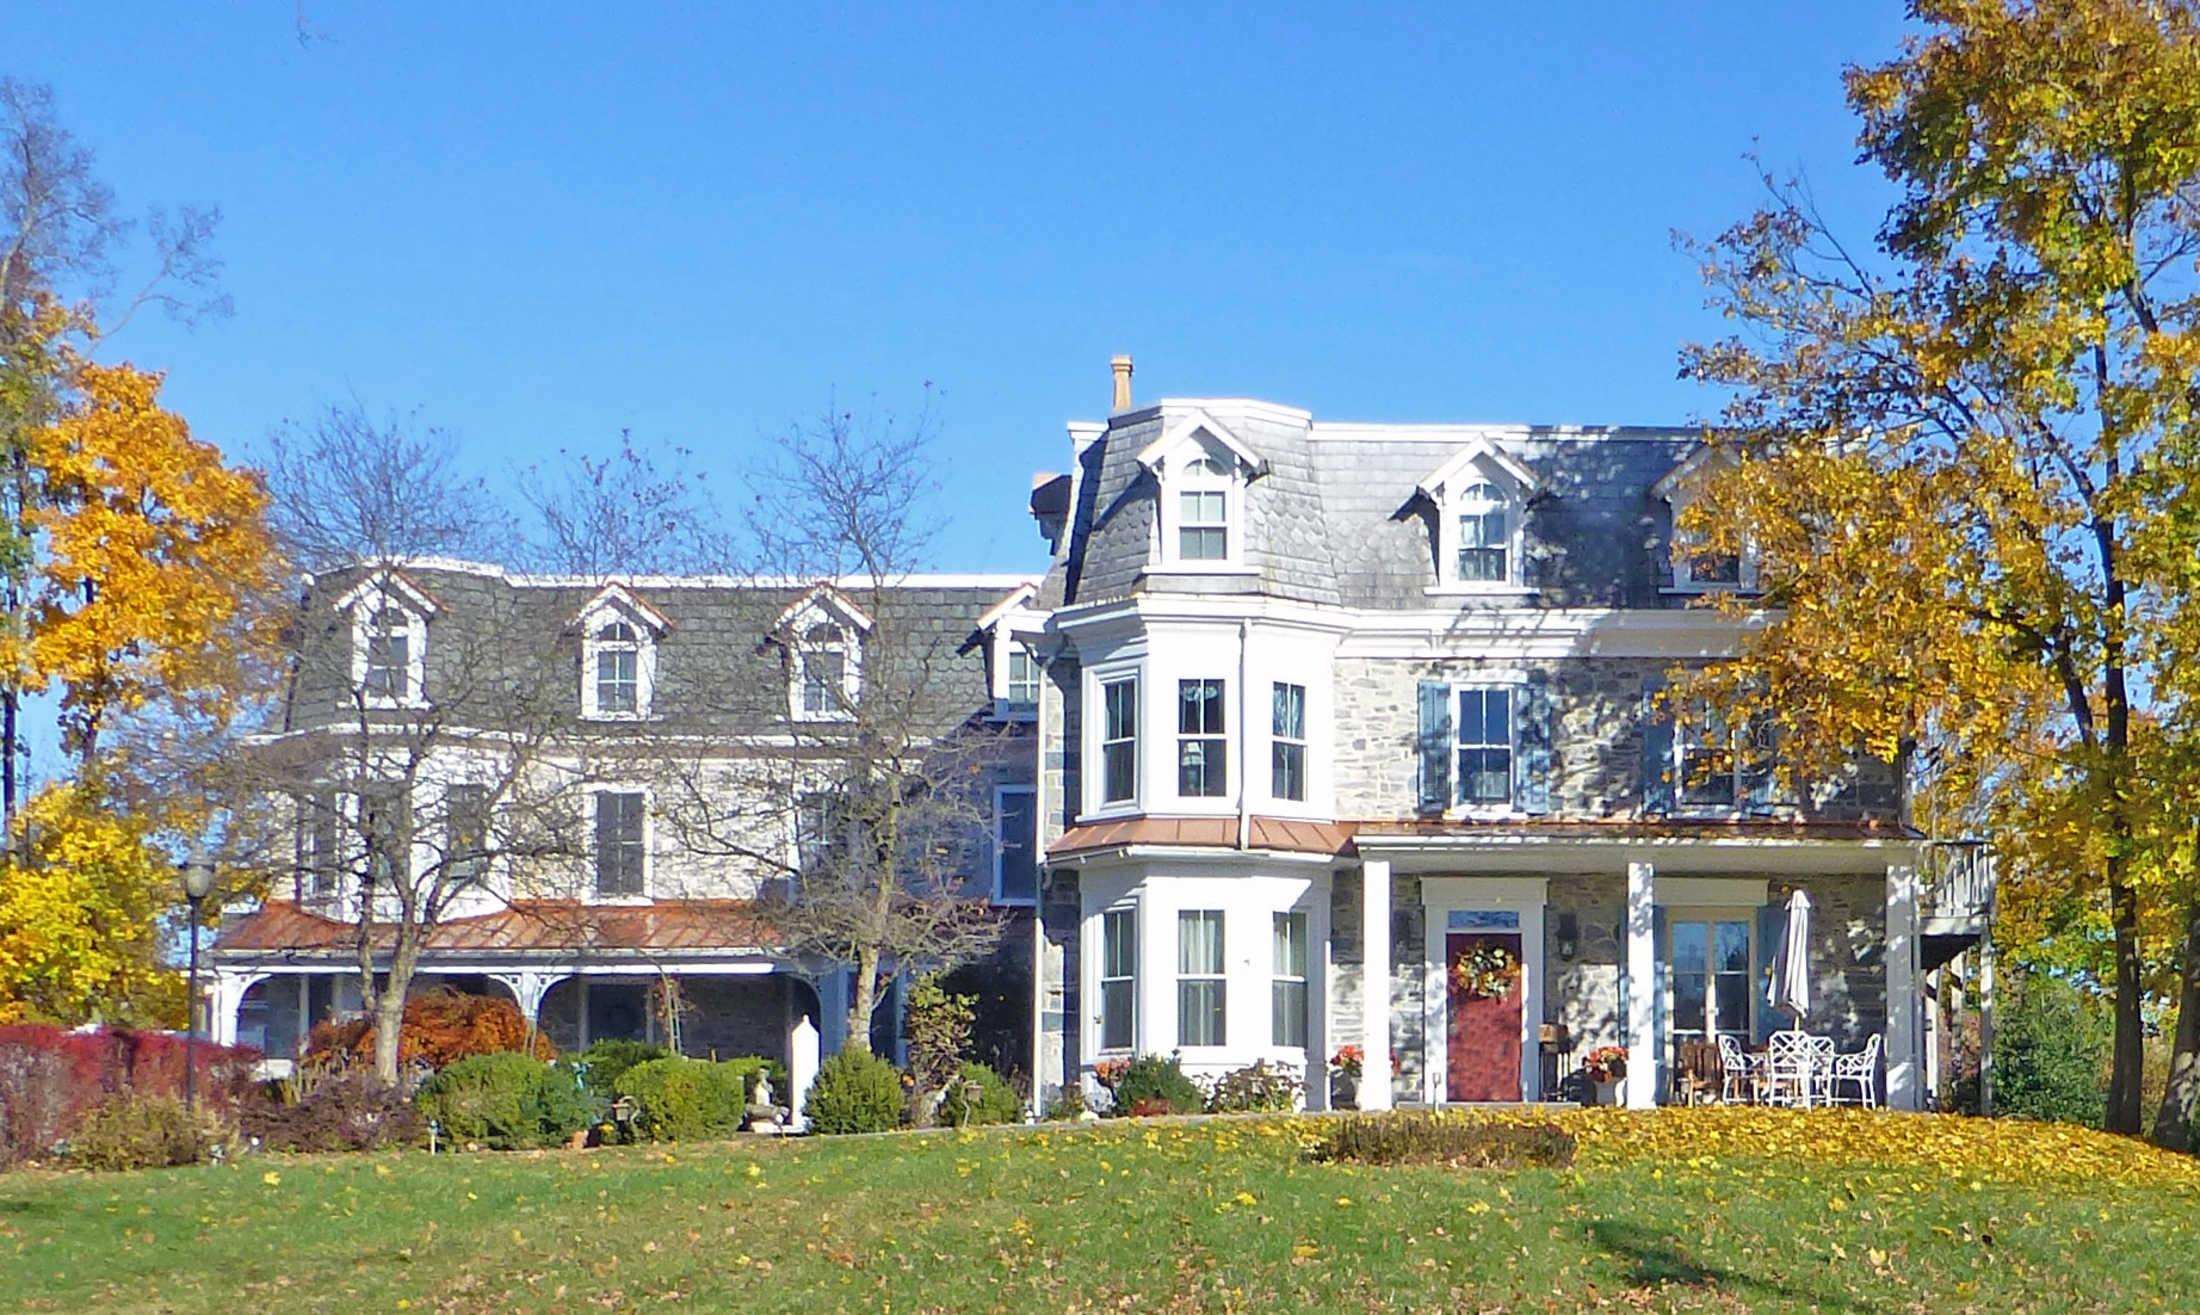 1740 house tripadvisor - 1740 House Tripadvisor 31